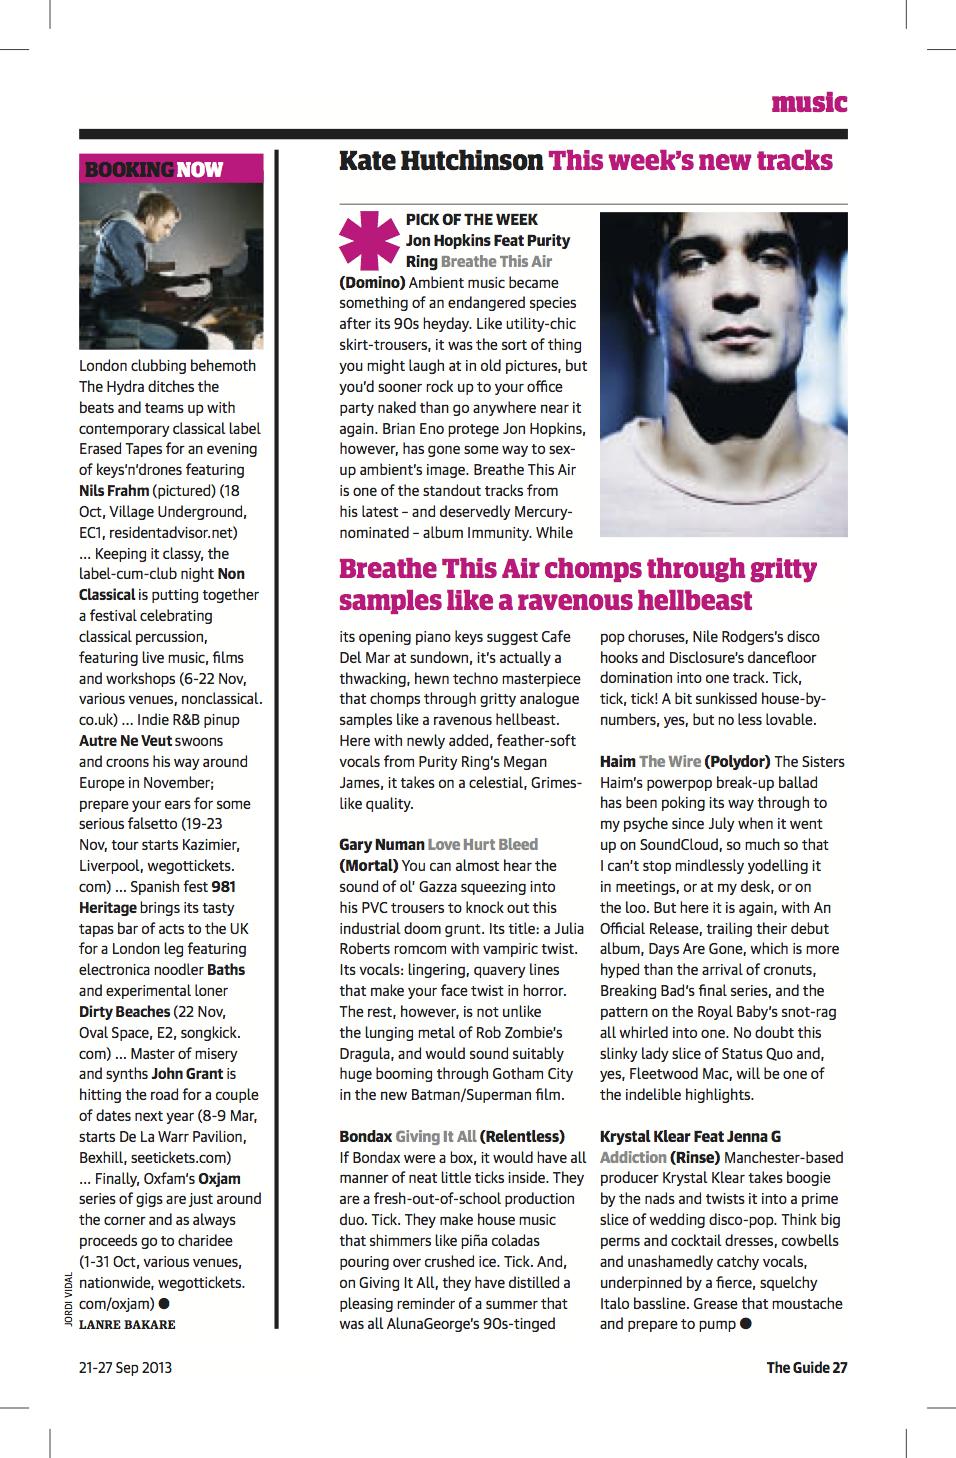 Singles Review Guardian Sep 2013.jpg